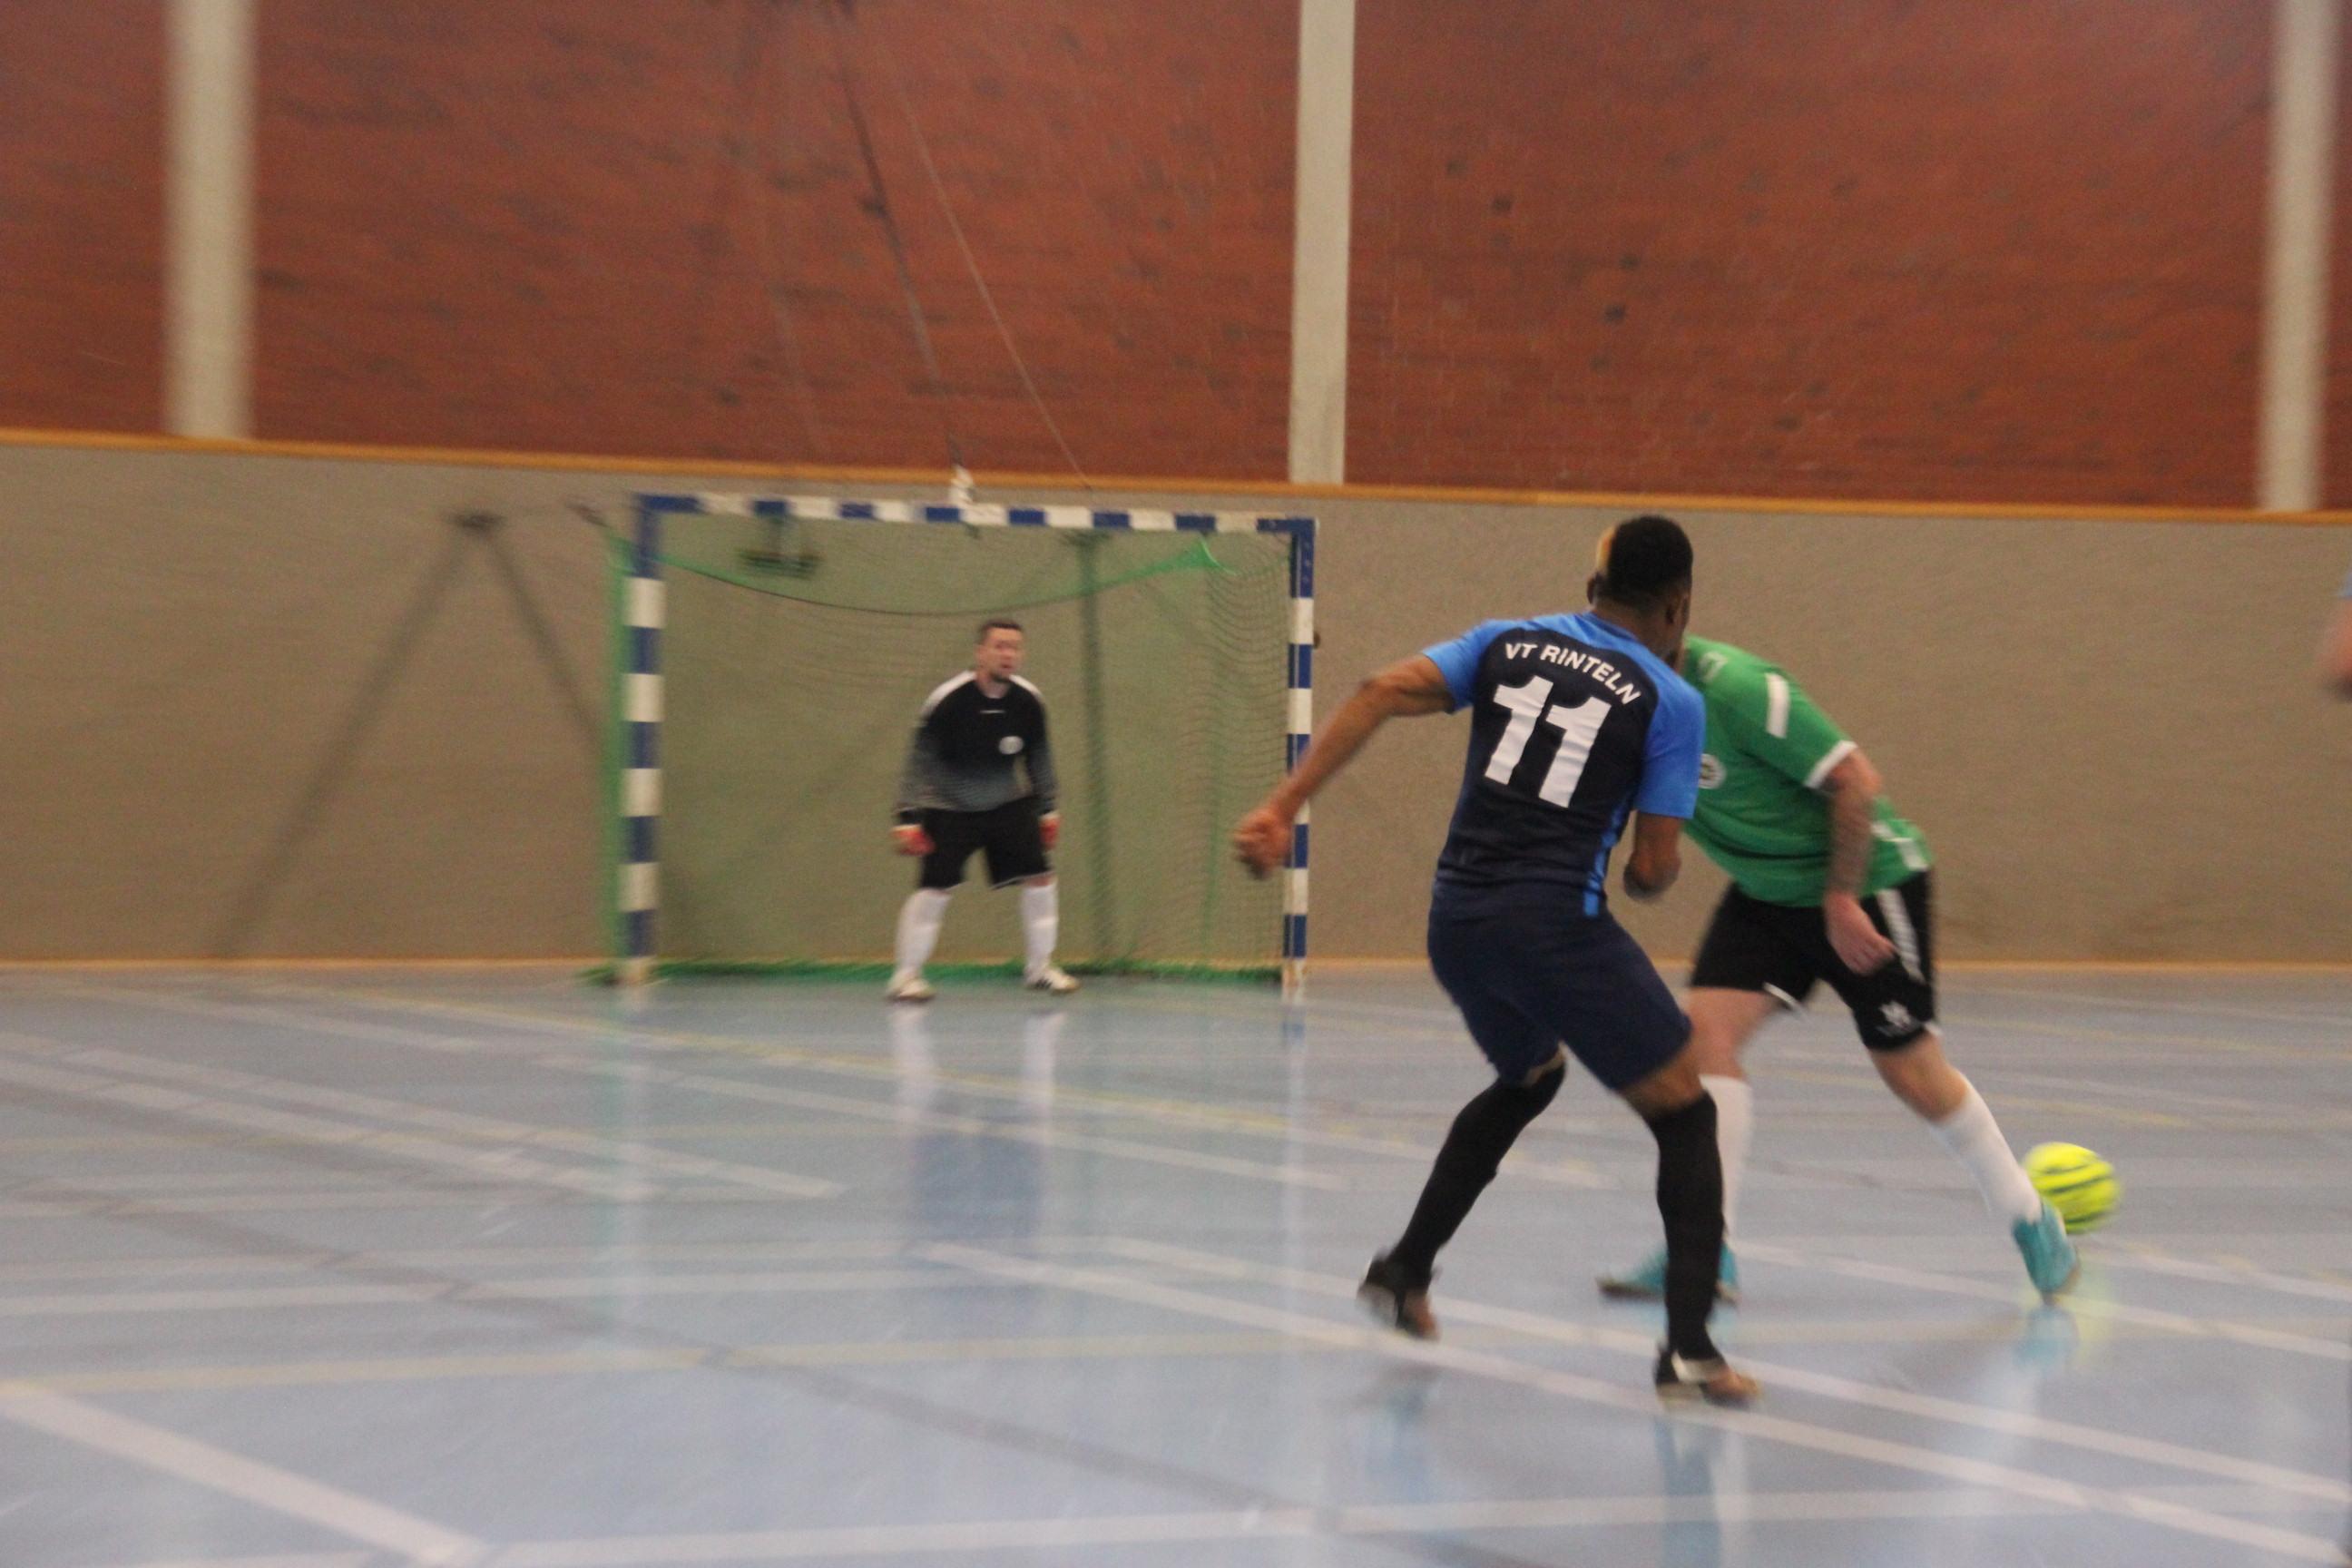 Futsalspieler für die Reginalliga gesucht